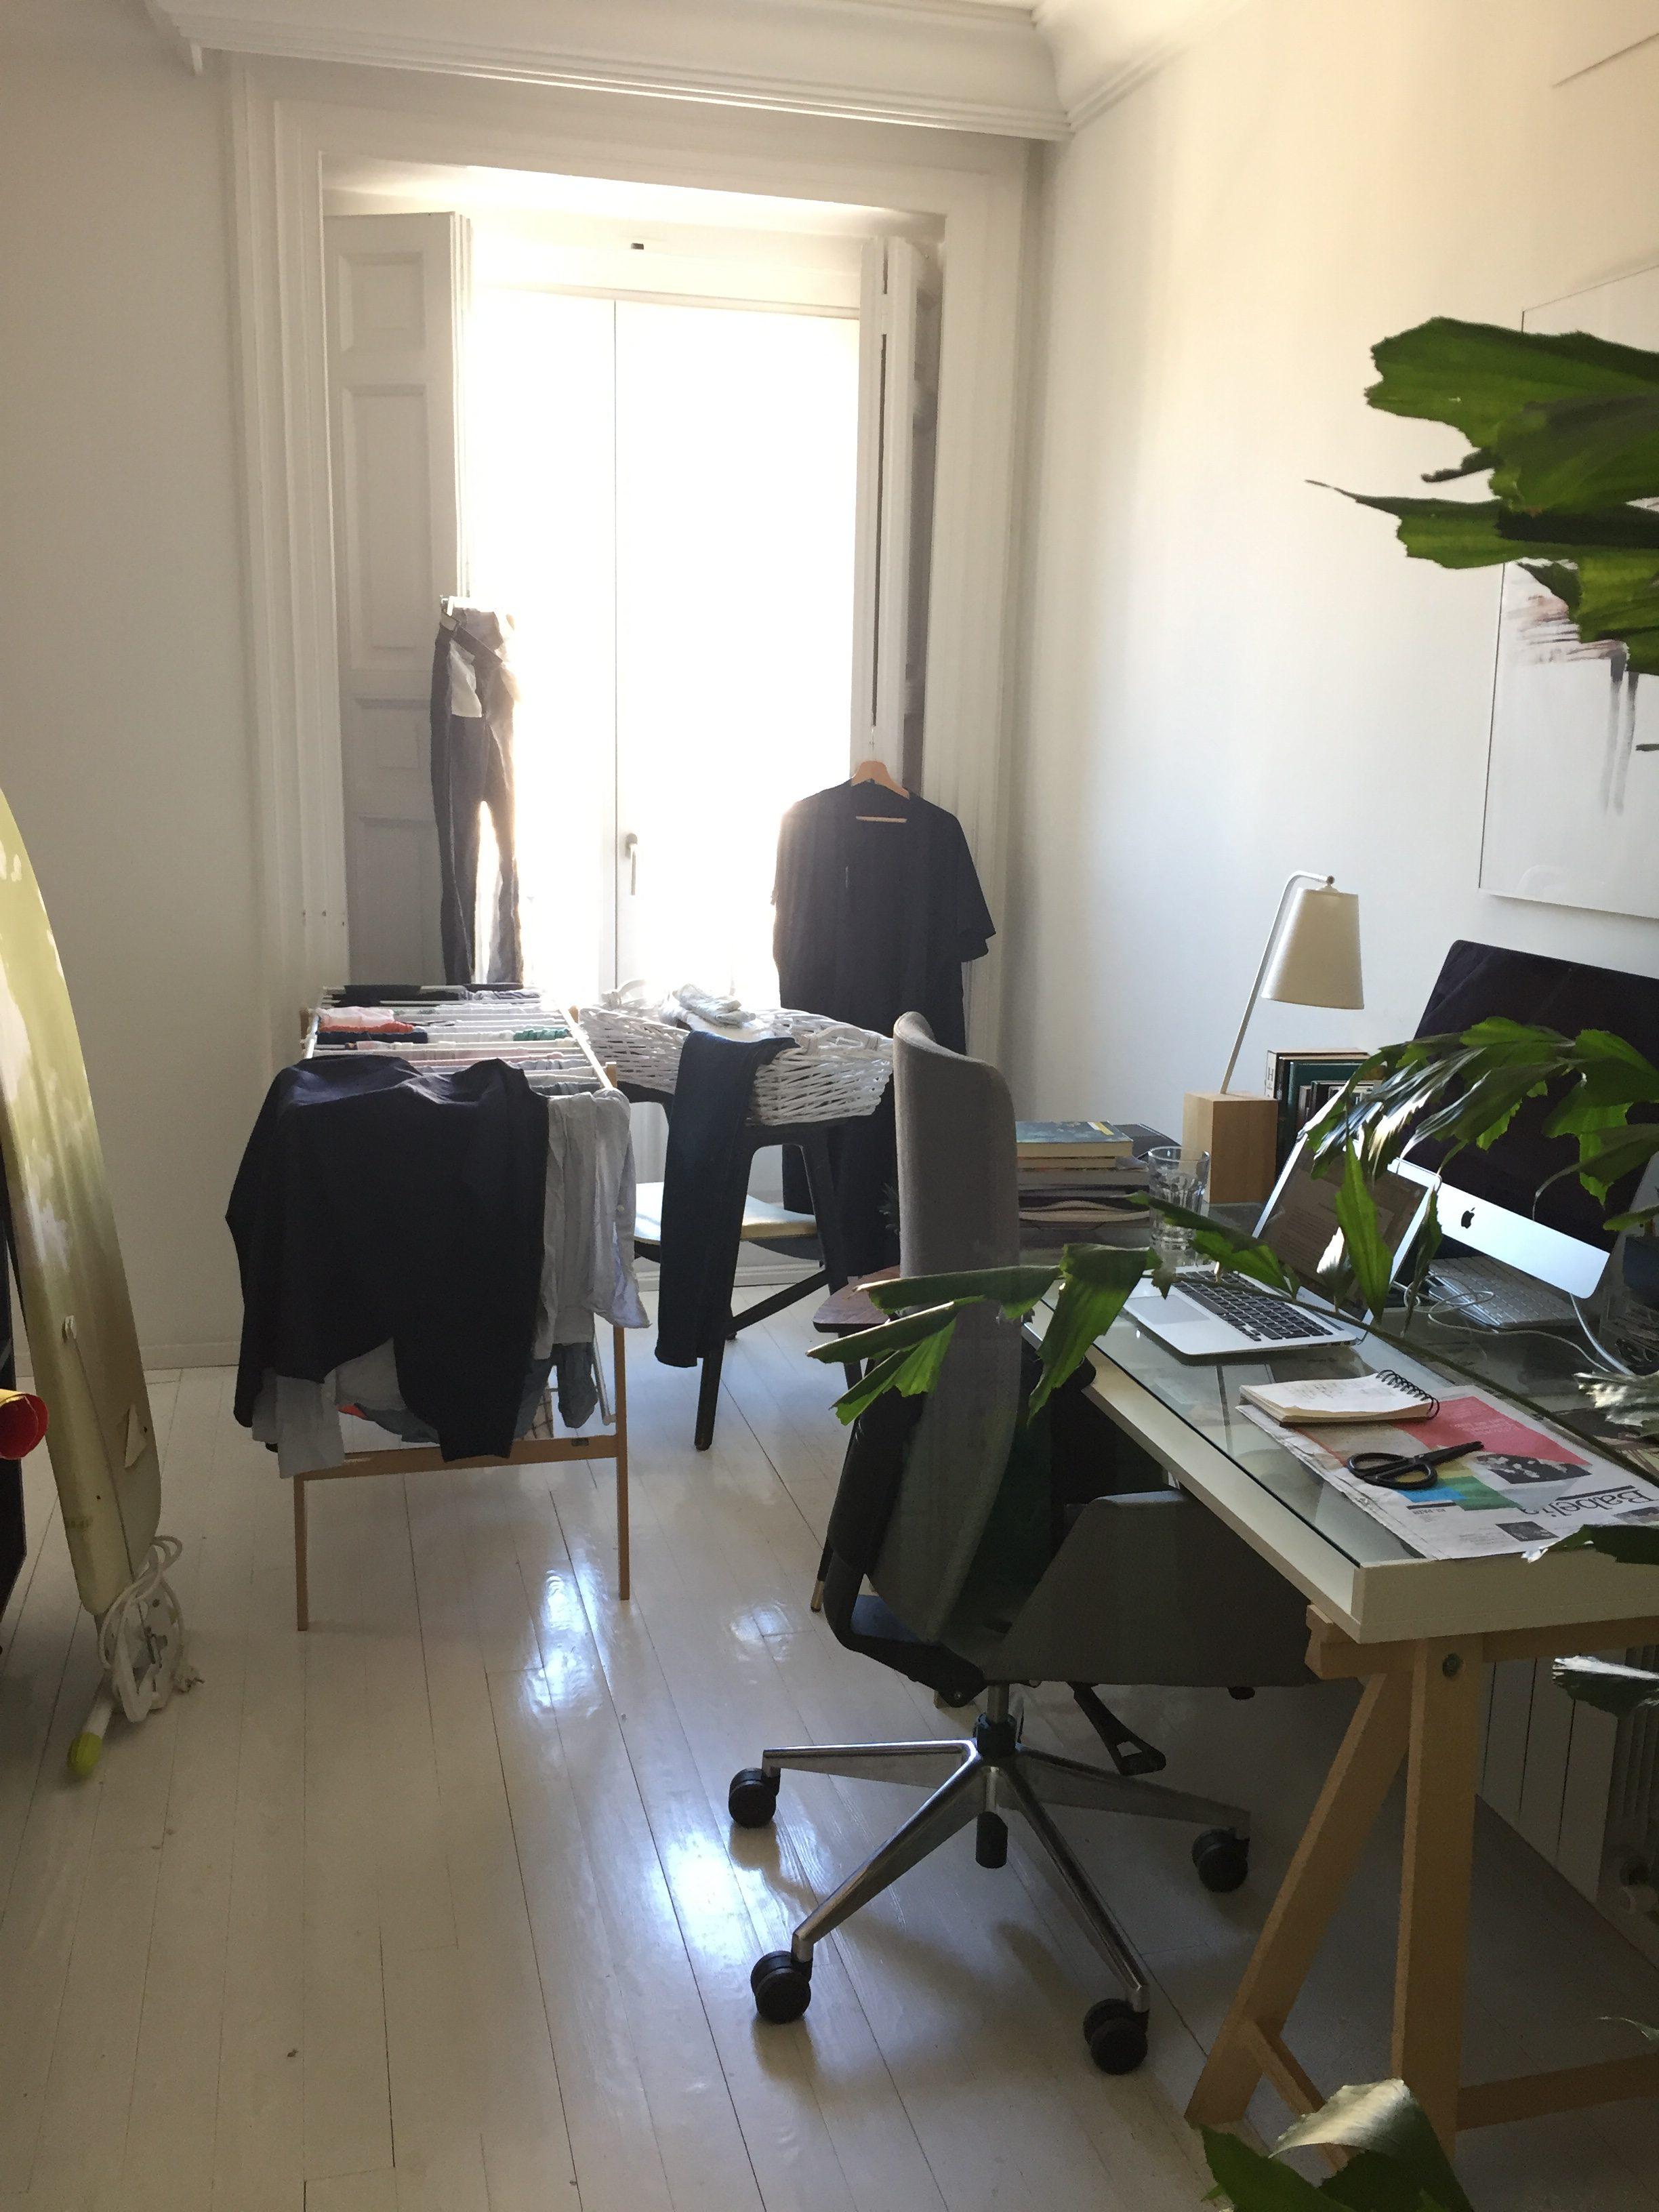 El cuarto de escribir y de planchar | La tribu